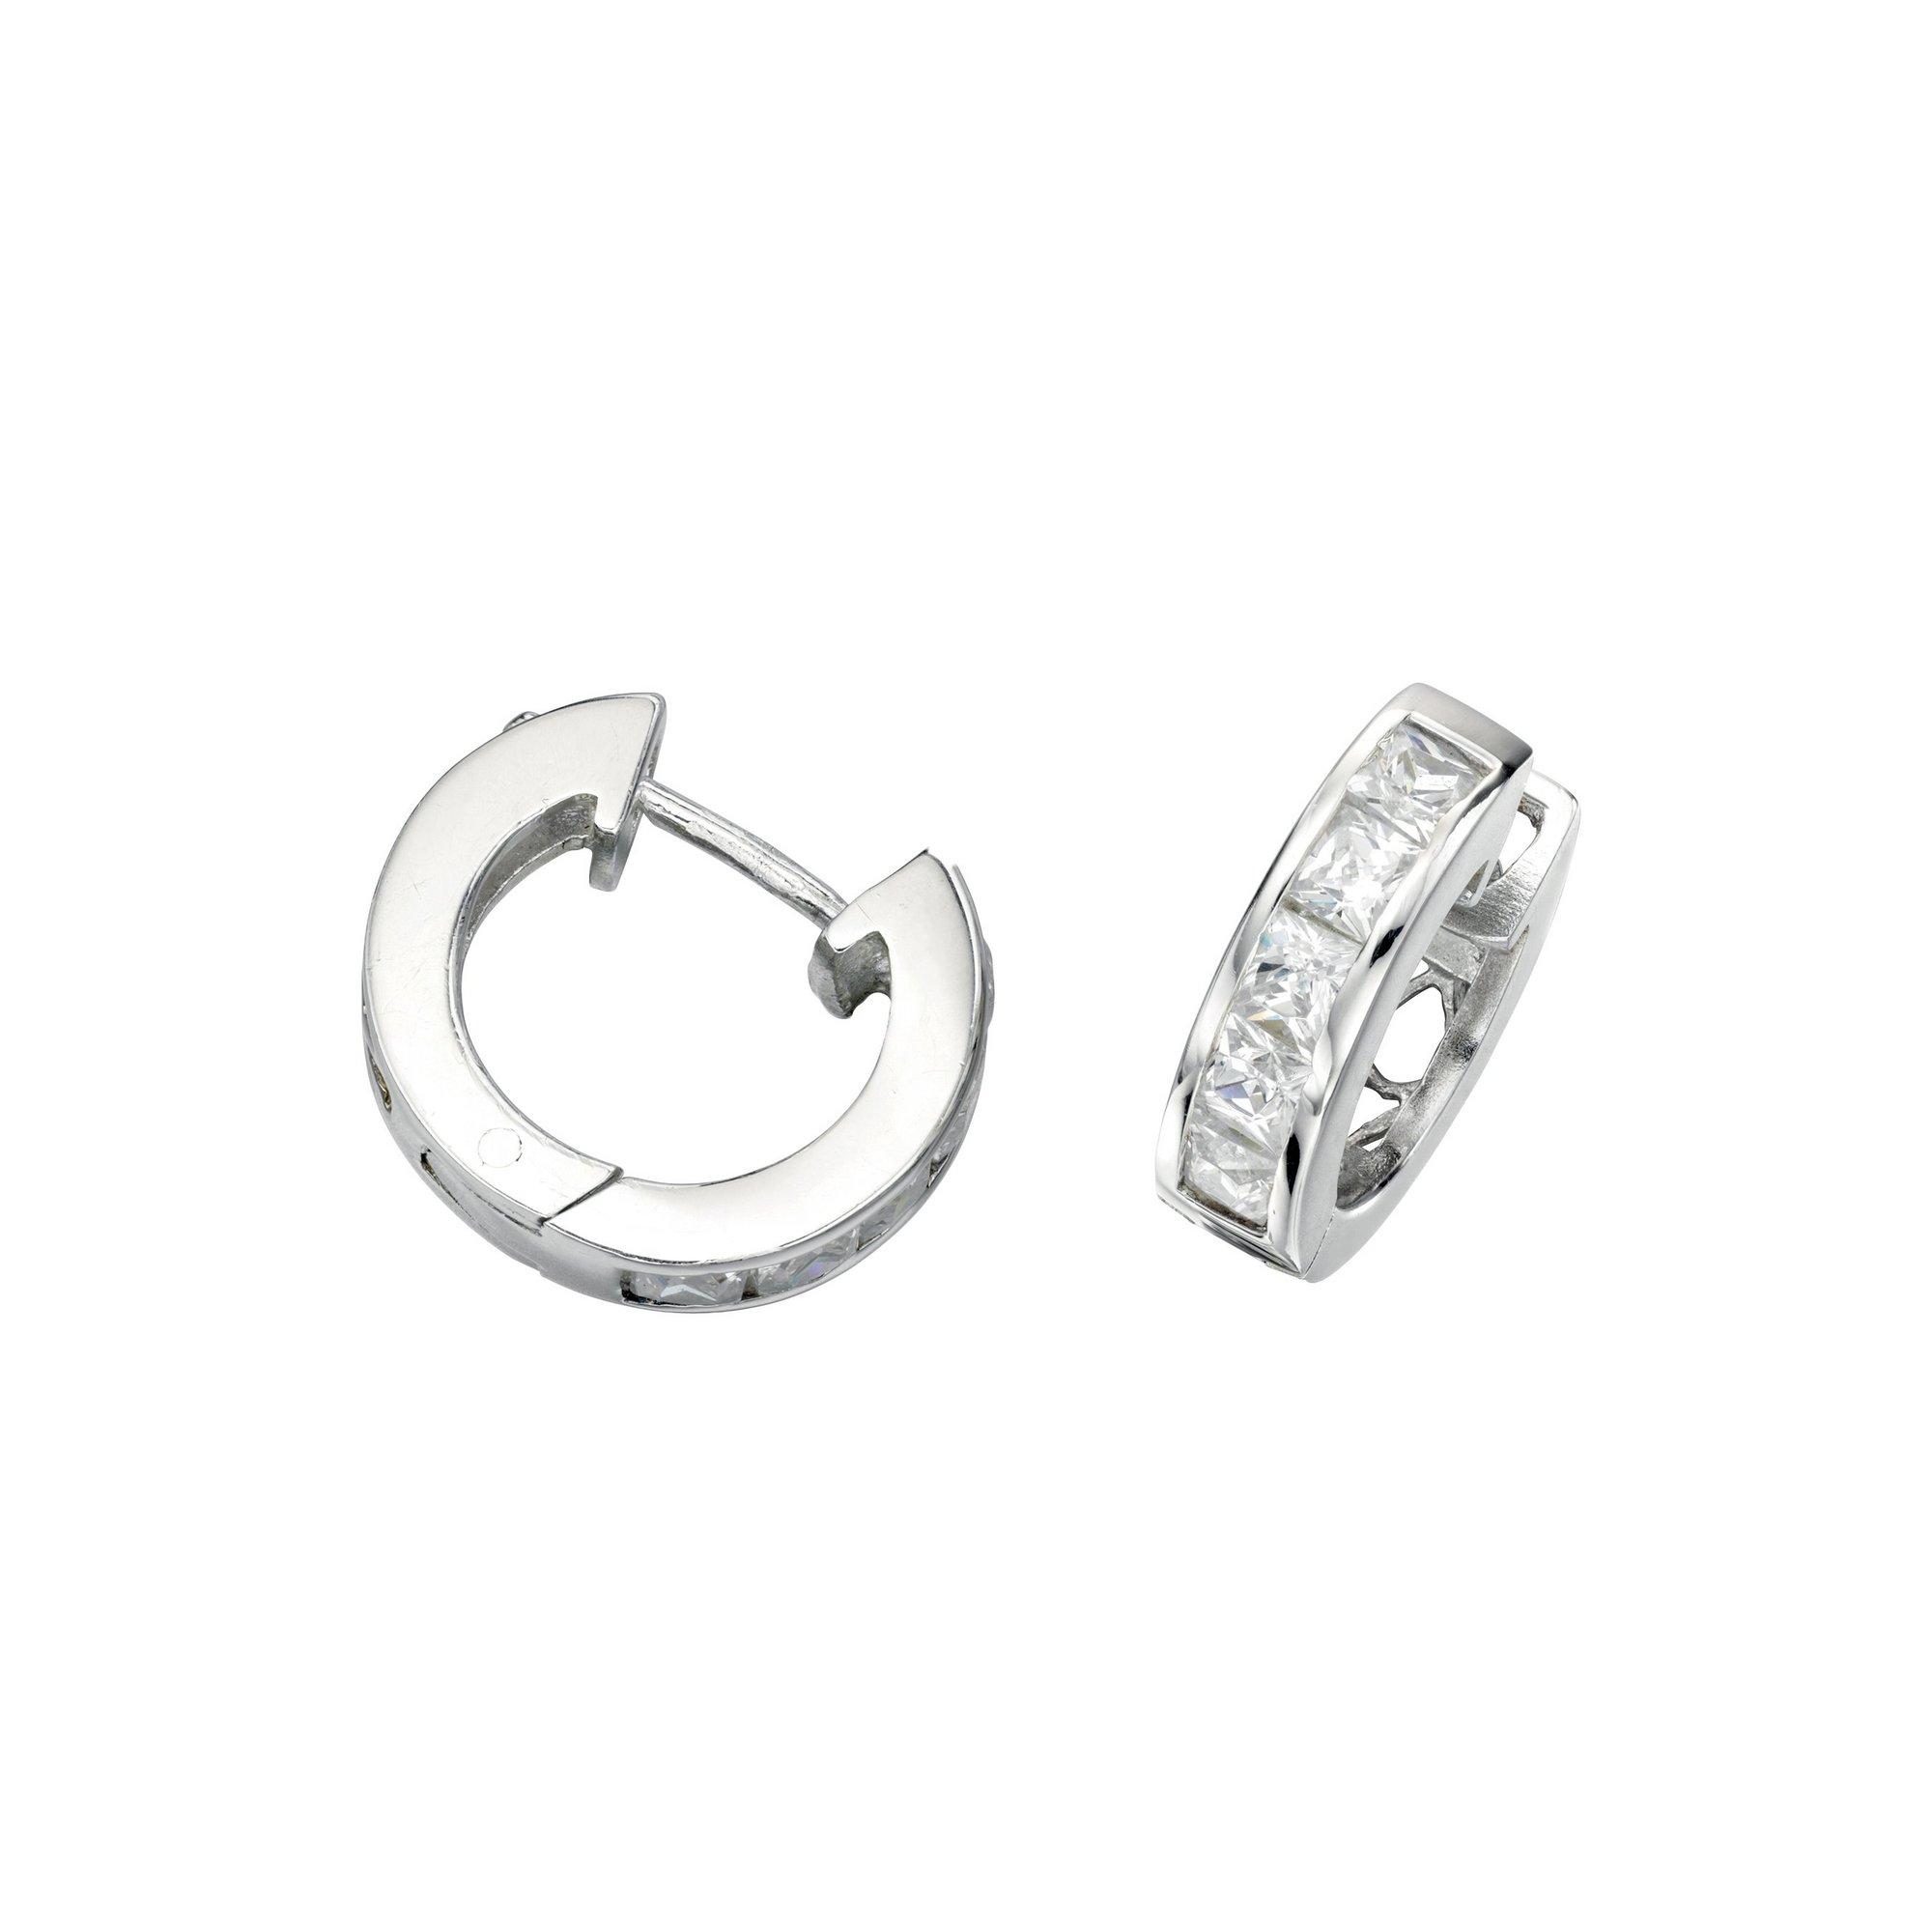 Image of Beginnings Clear CZ 5 Square Stones Hoop Earrings